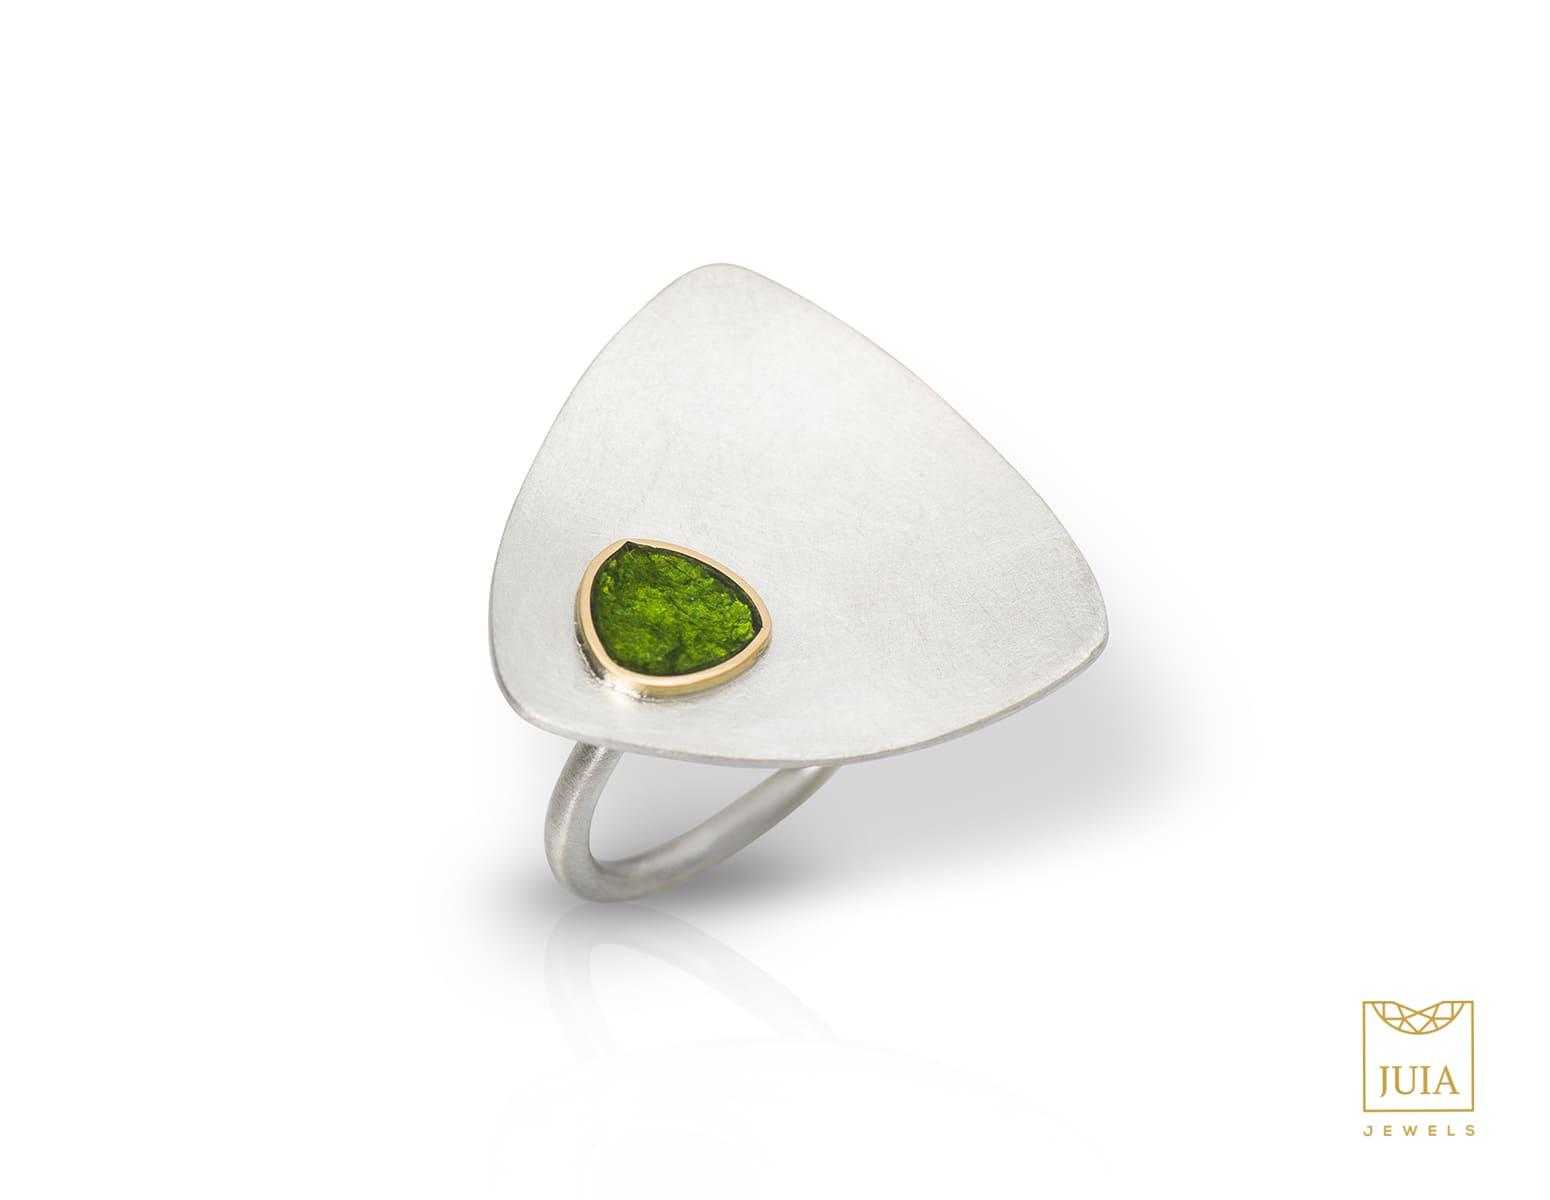 anillo de plata y oro para aniversario, joyas artesanales, joyas para regalar, juia jewels barcelona, joyasmarket